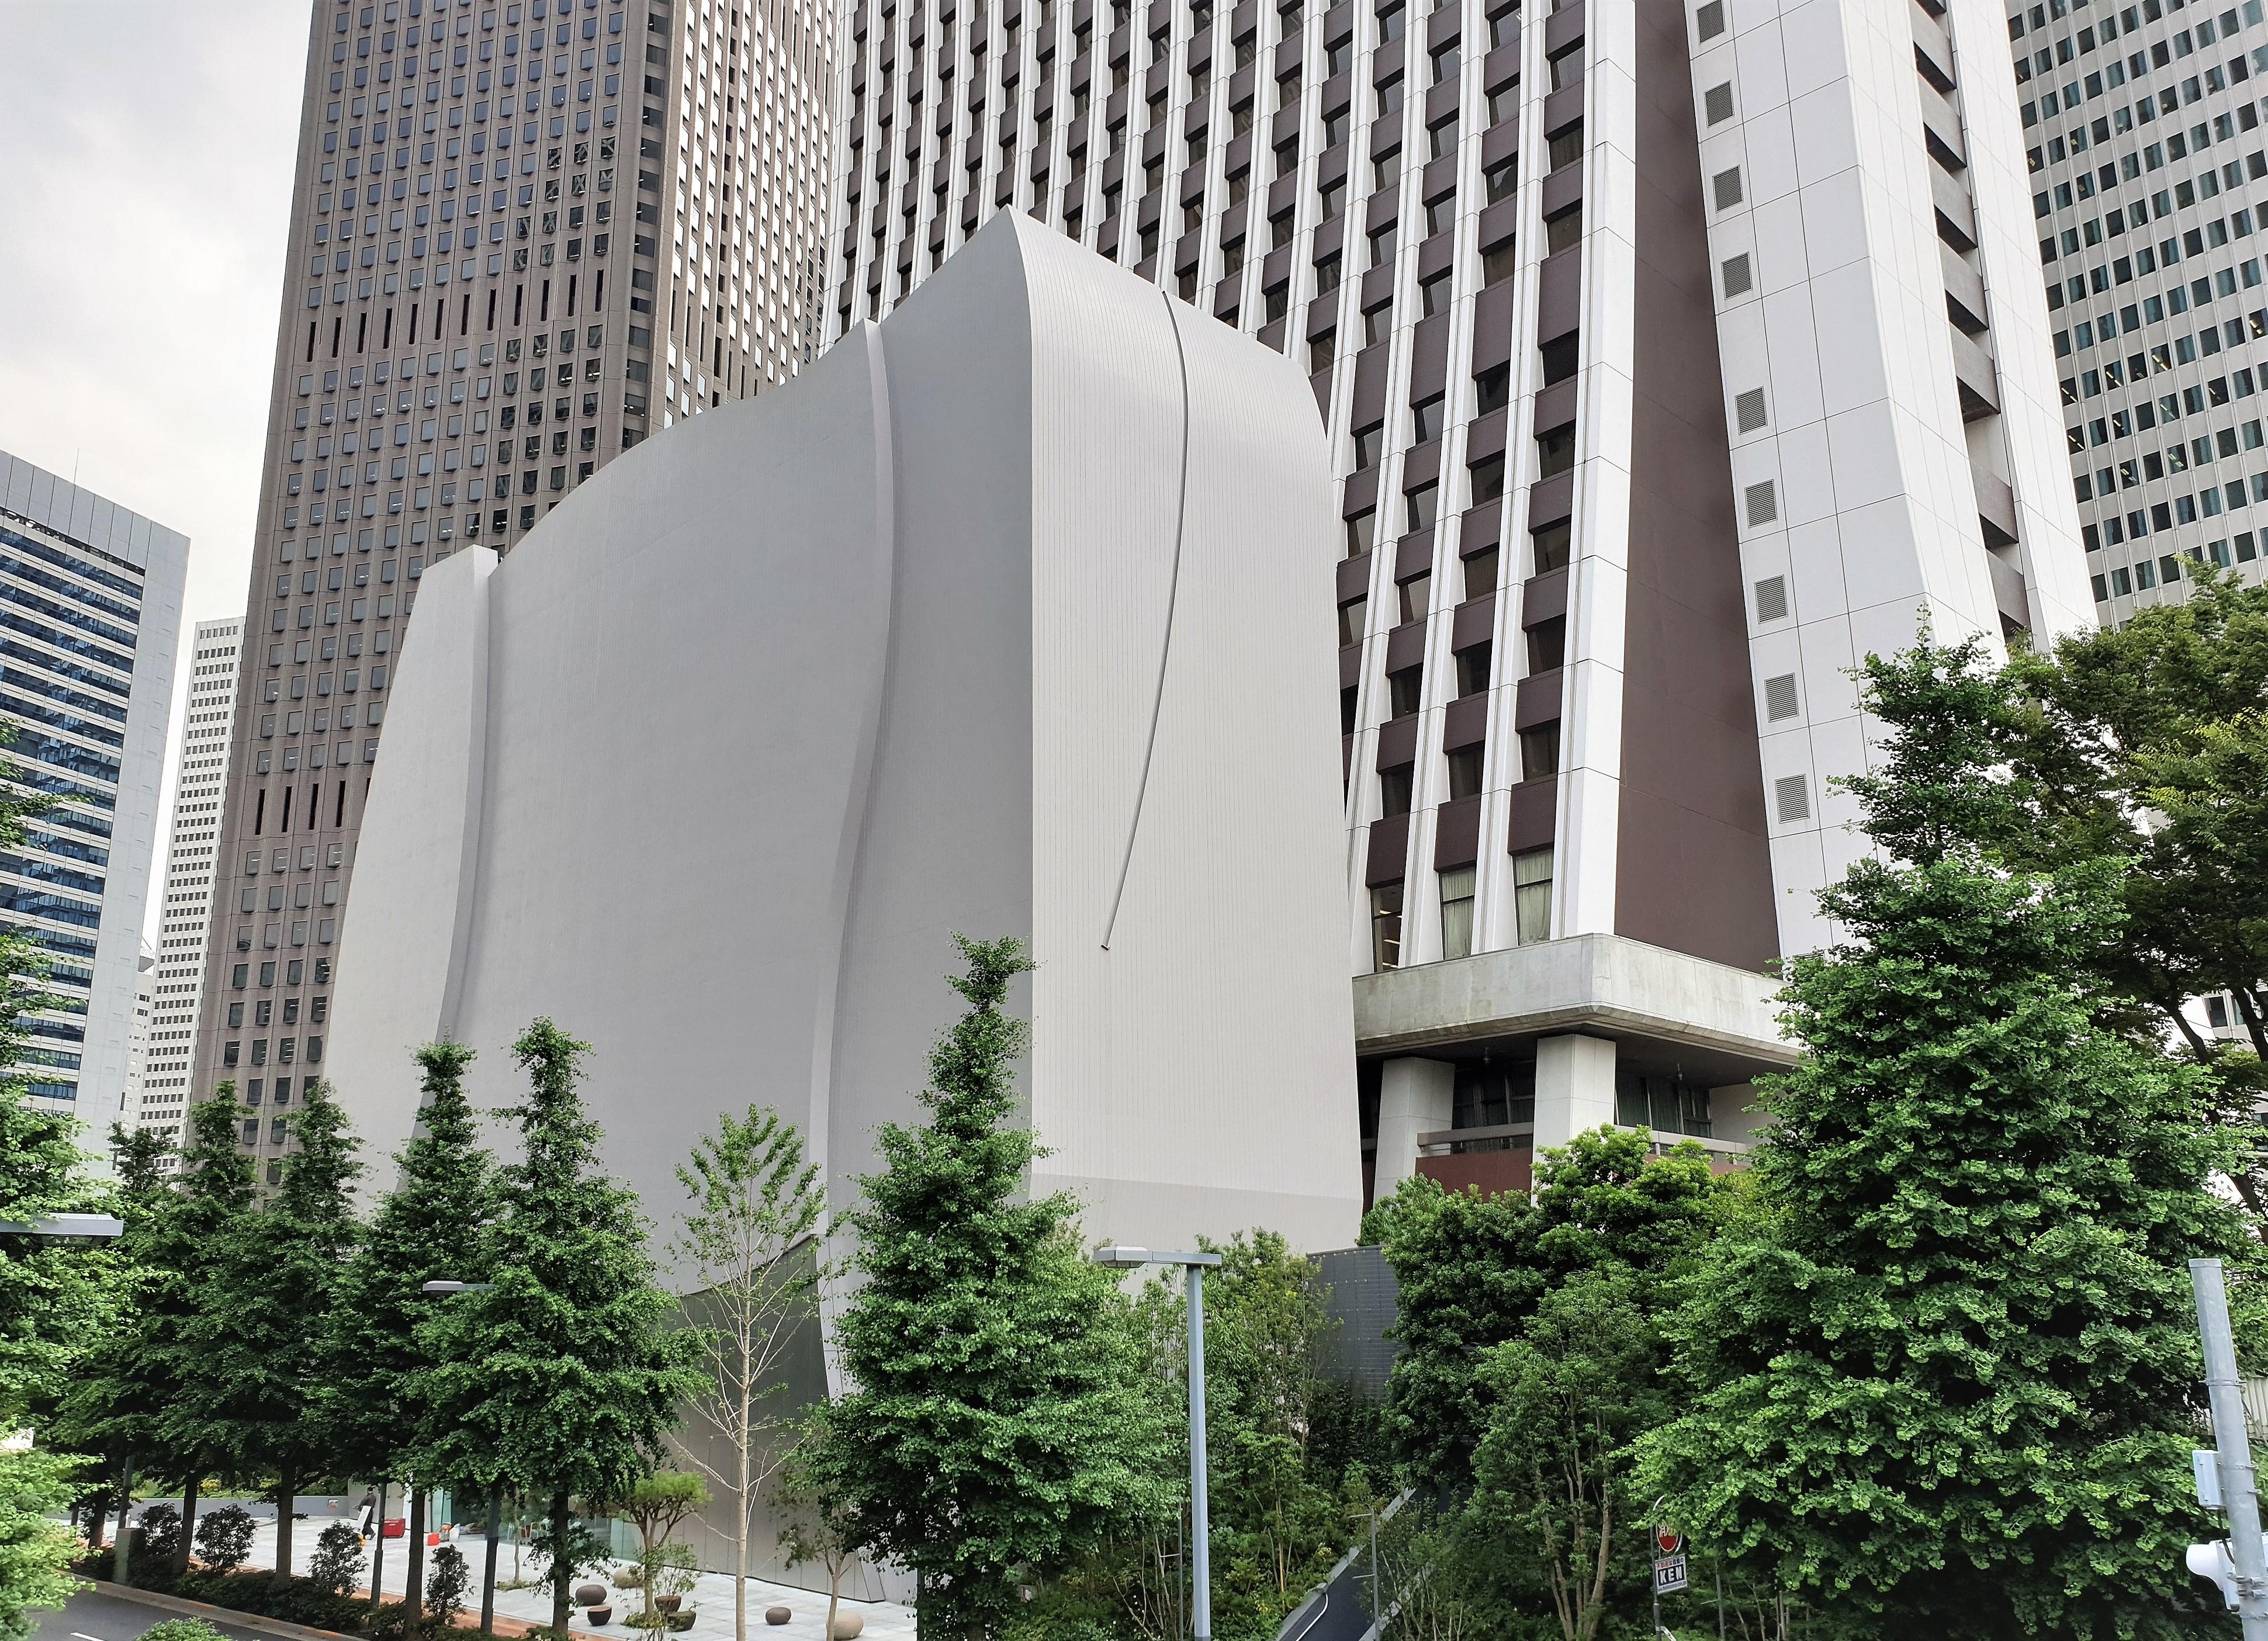 7月10日(金)にオープンするSOMPO美術館は建物自体もアートのよう